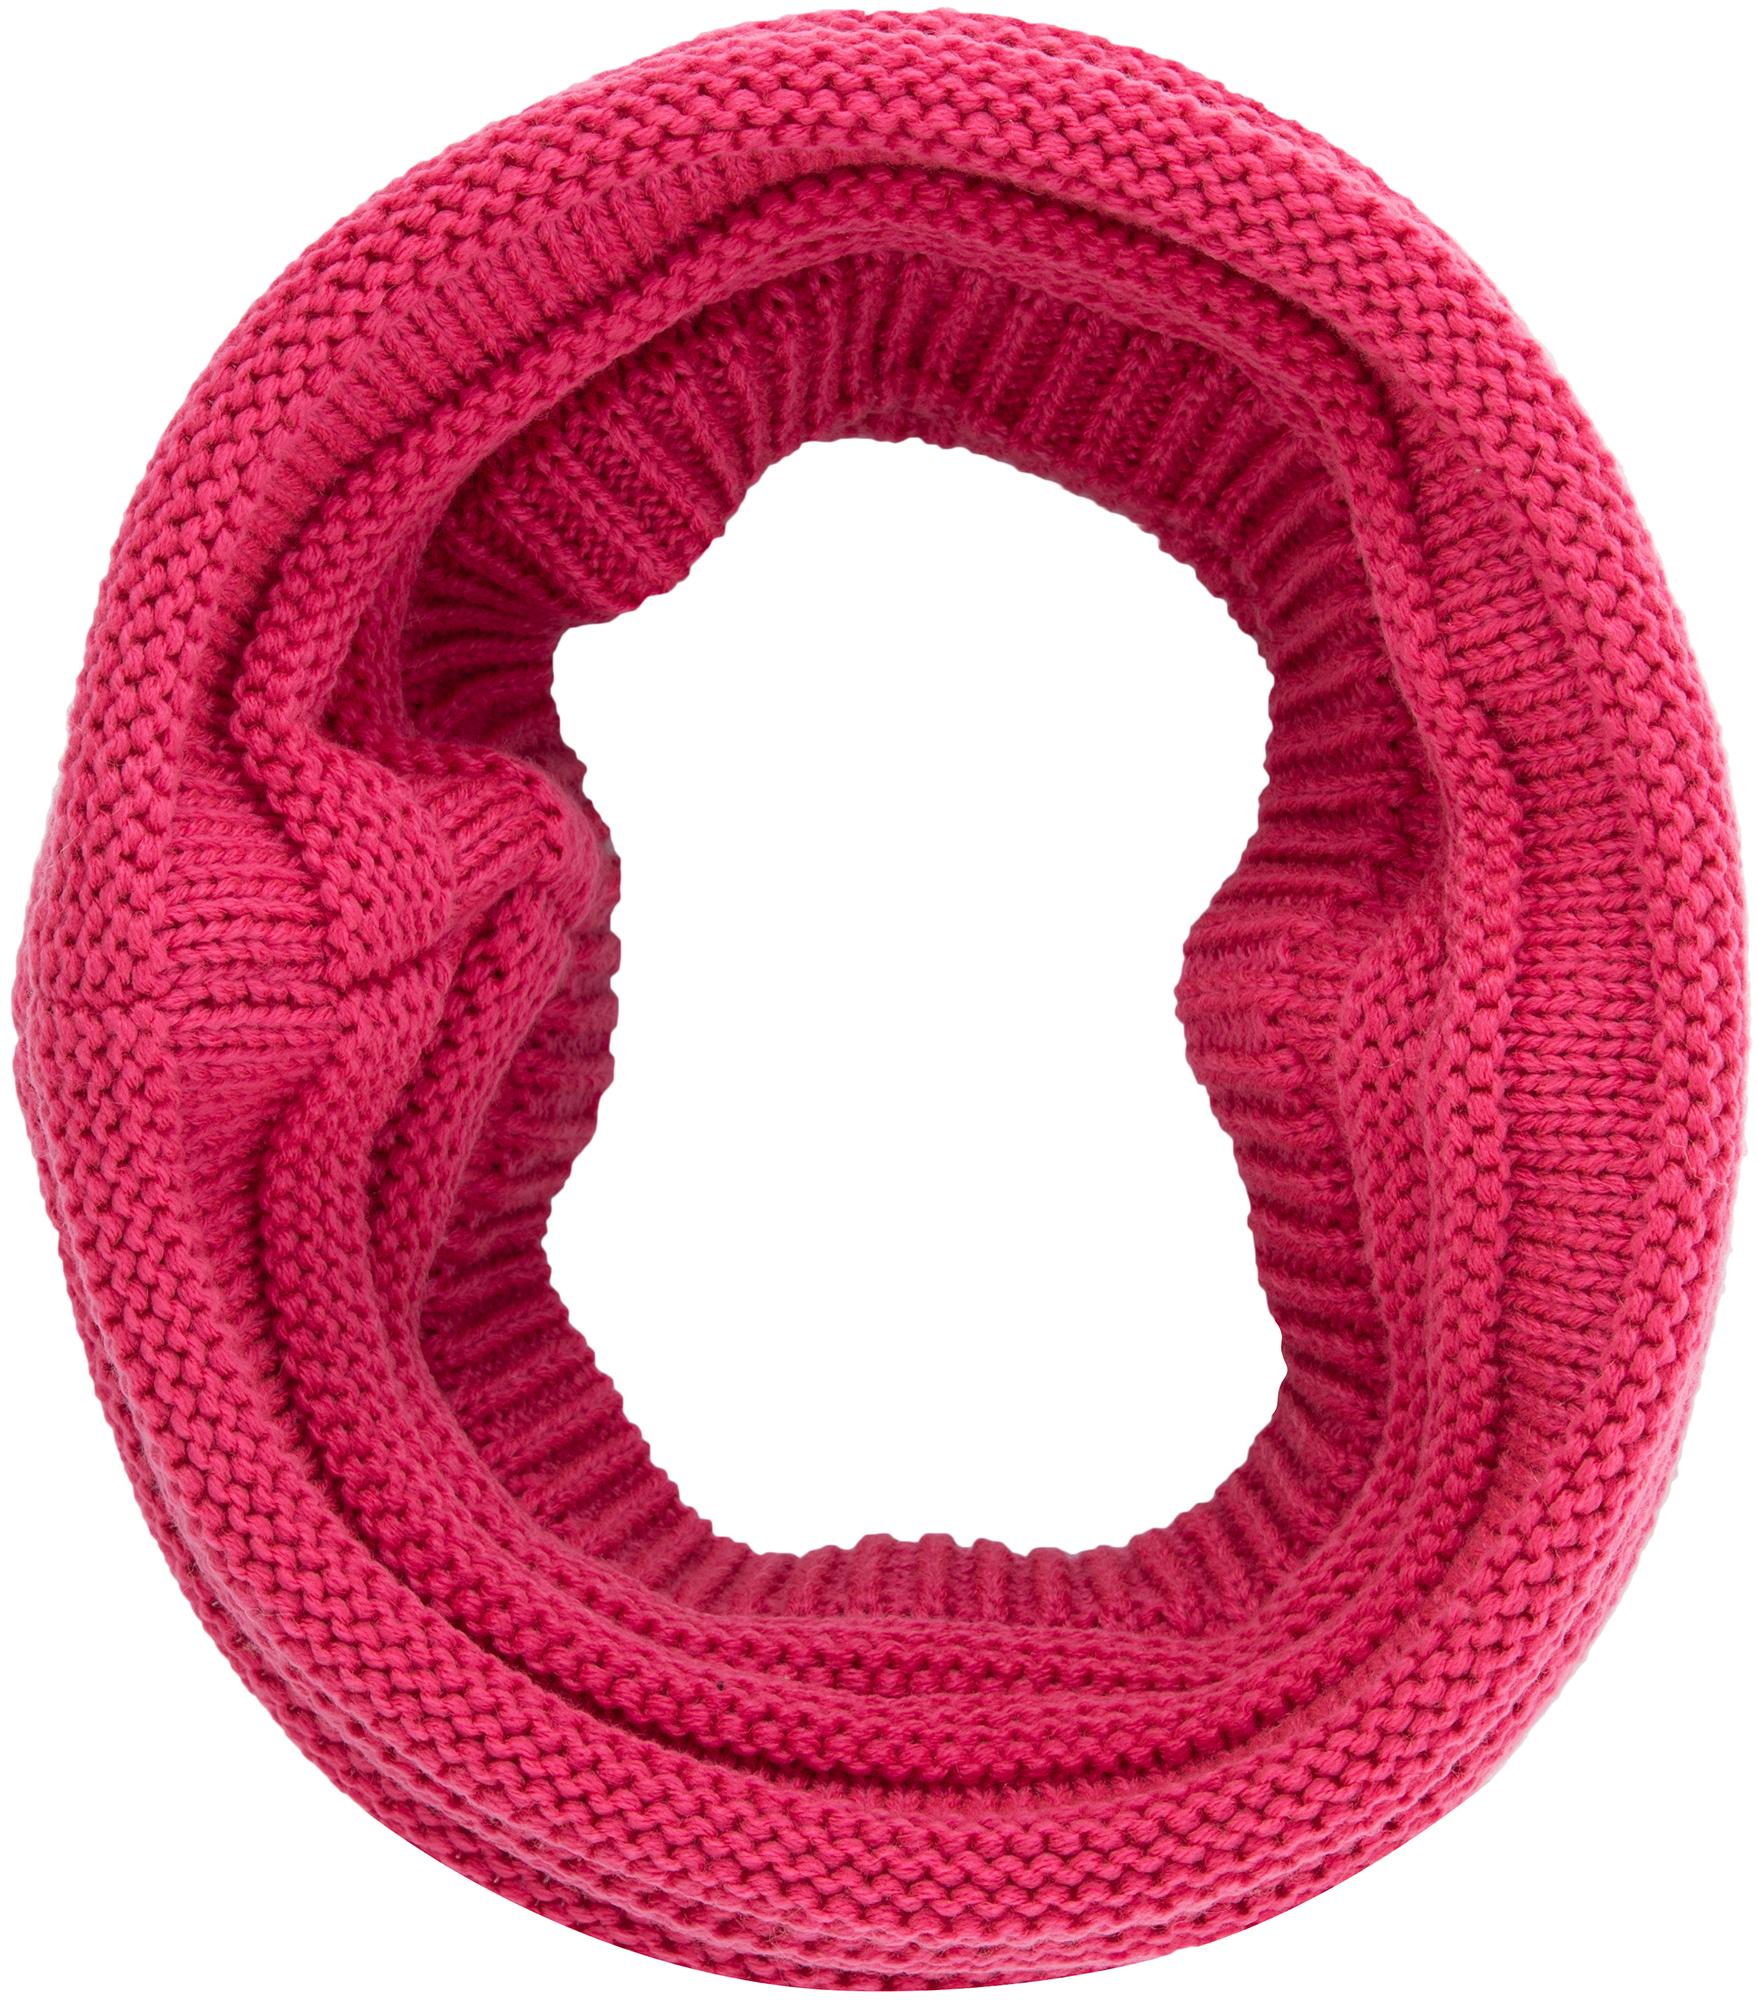 Ziener Шарф для девочек Ziener, размер 53-54